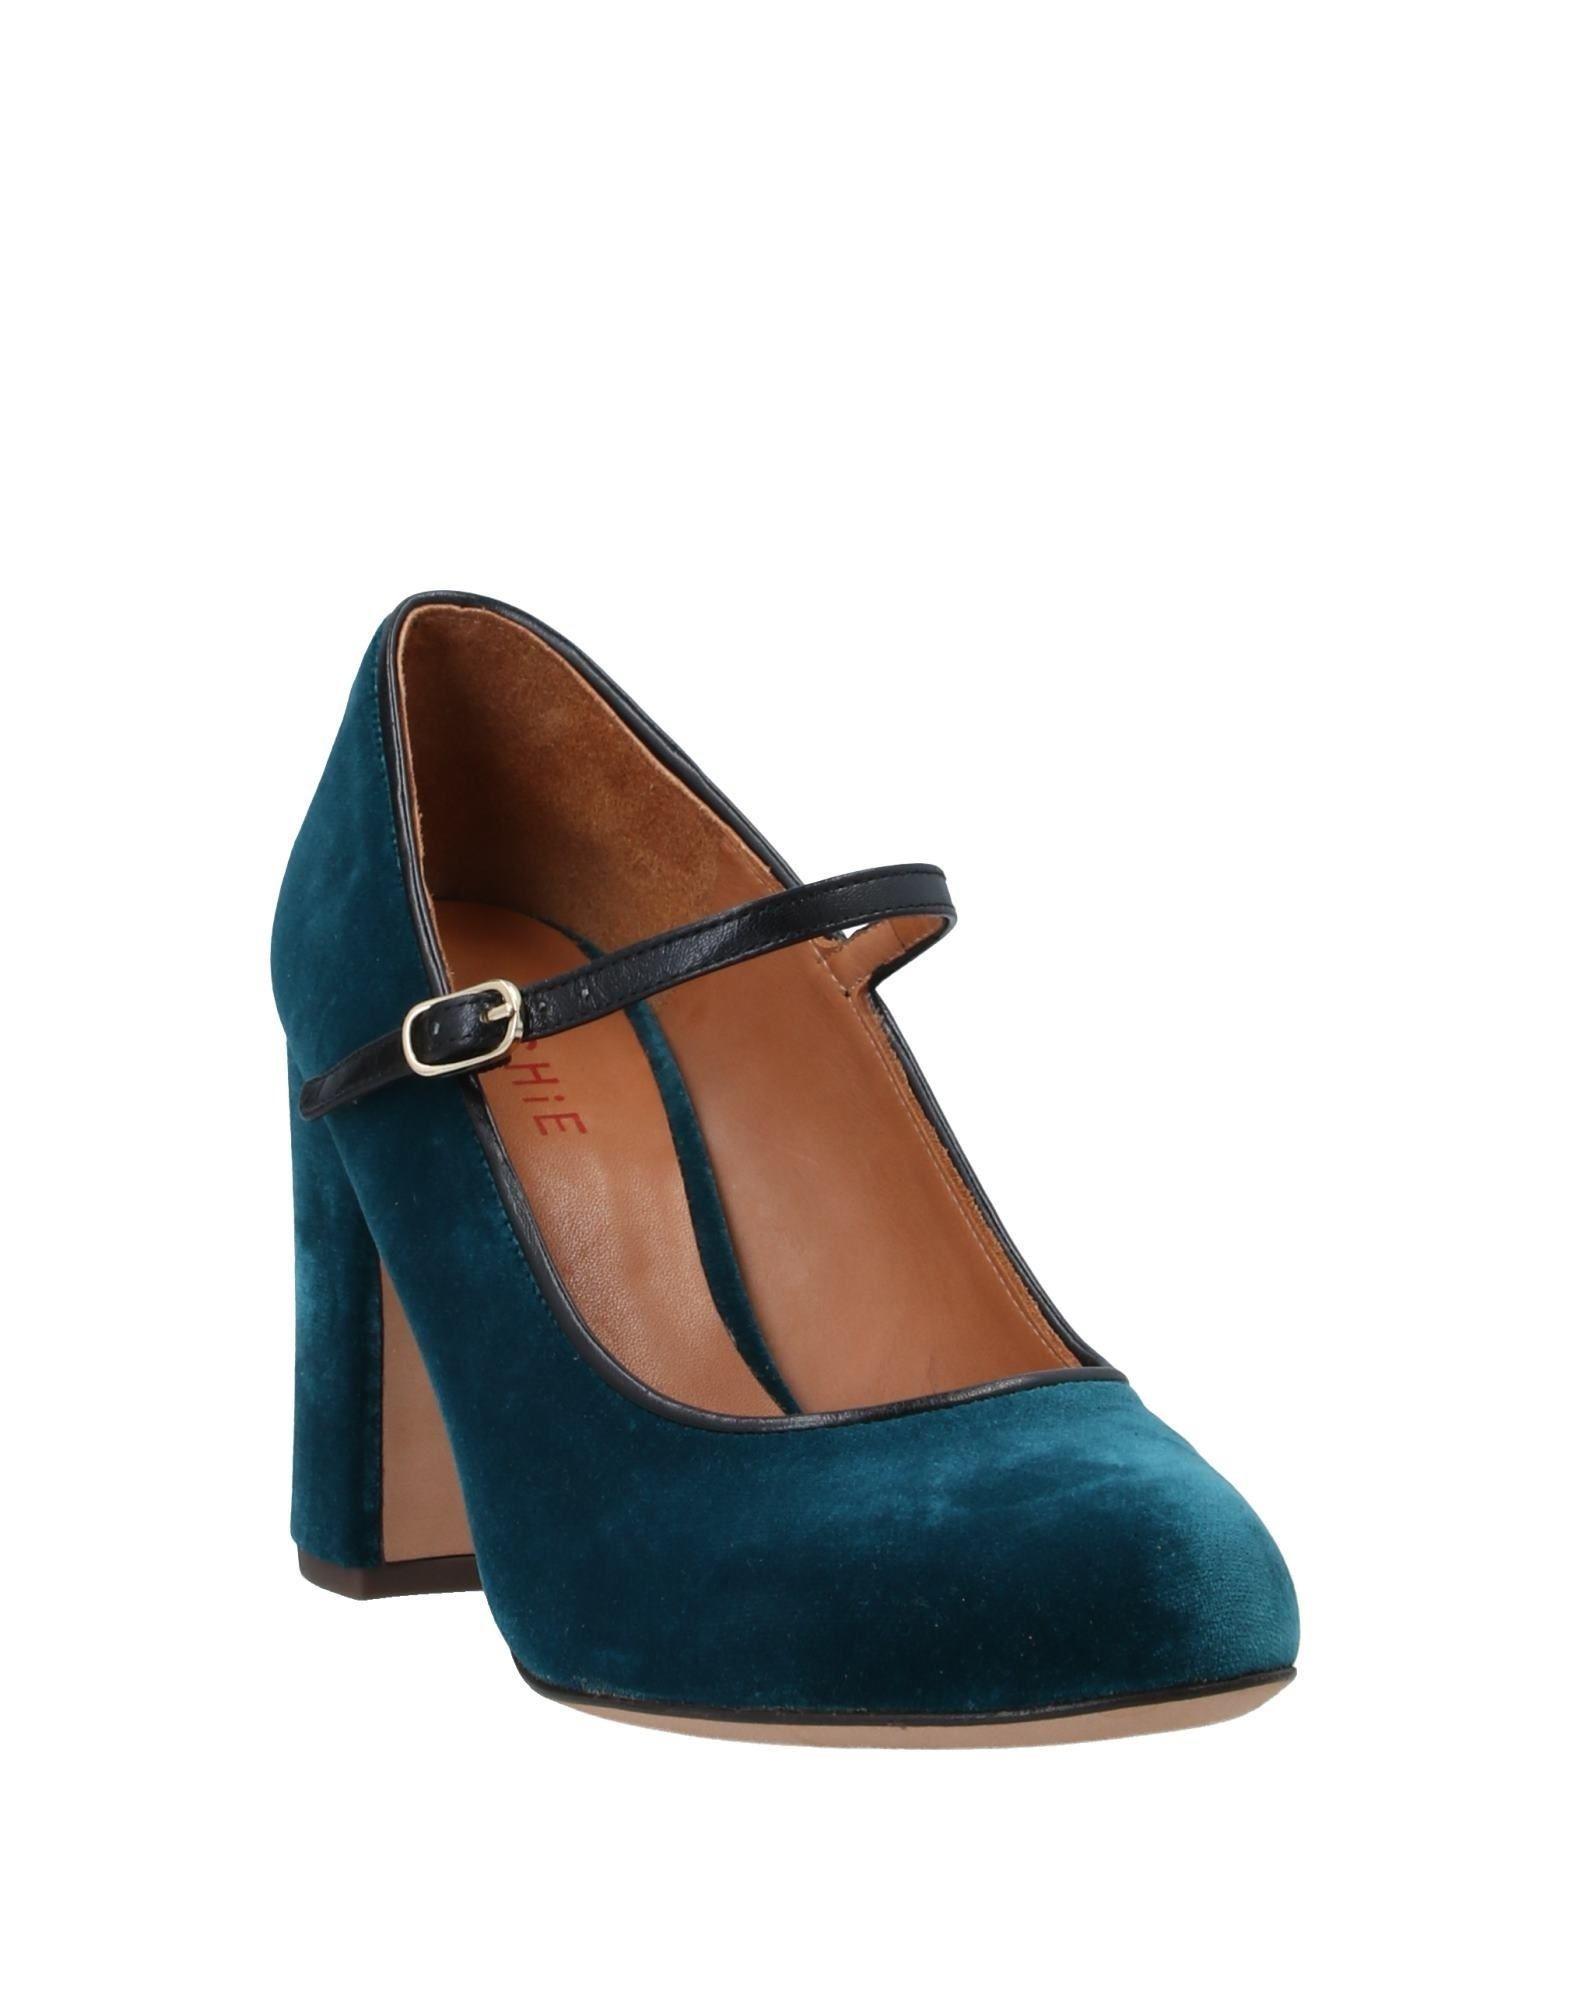 Zapatos de salón Chie Mihara de Cuero de color Azul